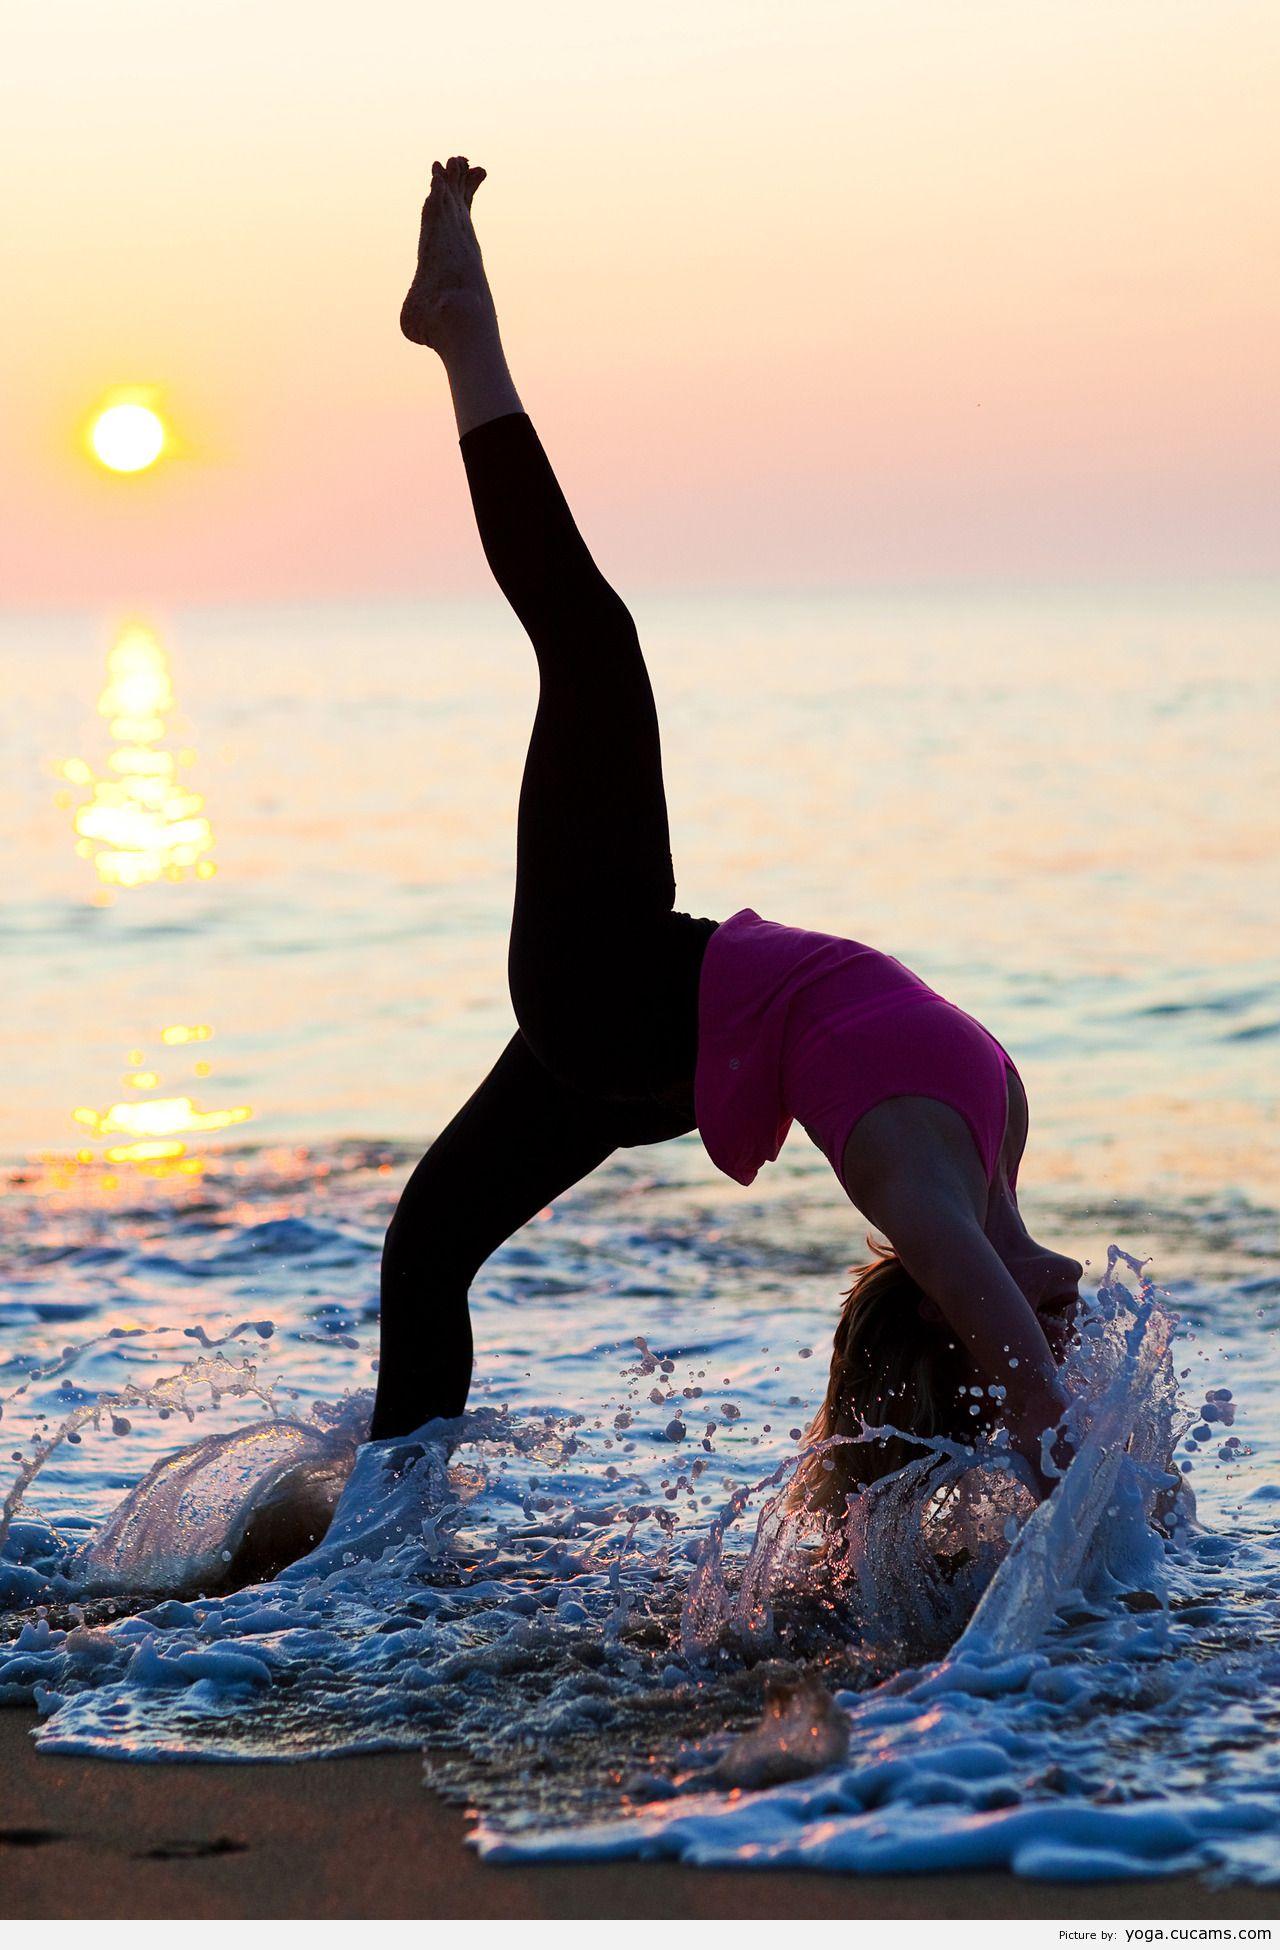 Yoga Australian Underwear by yoga.cucams.com